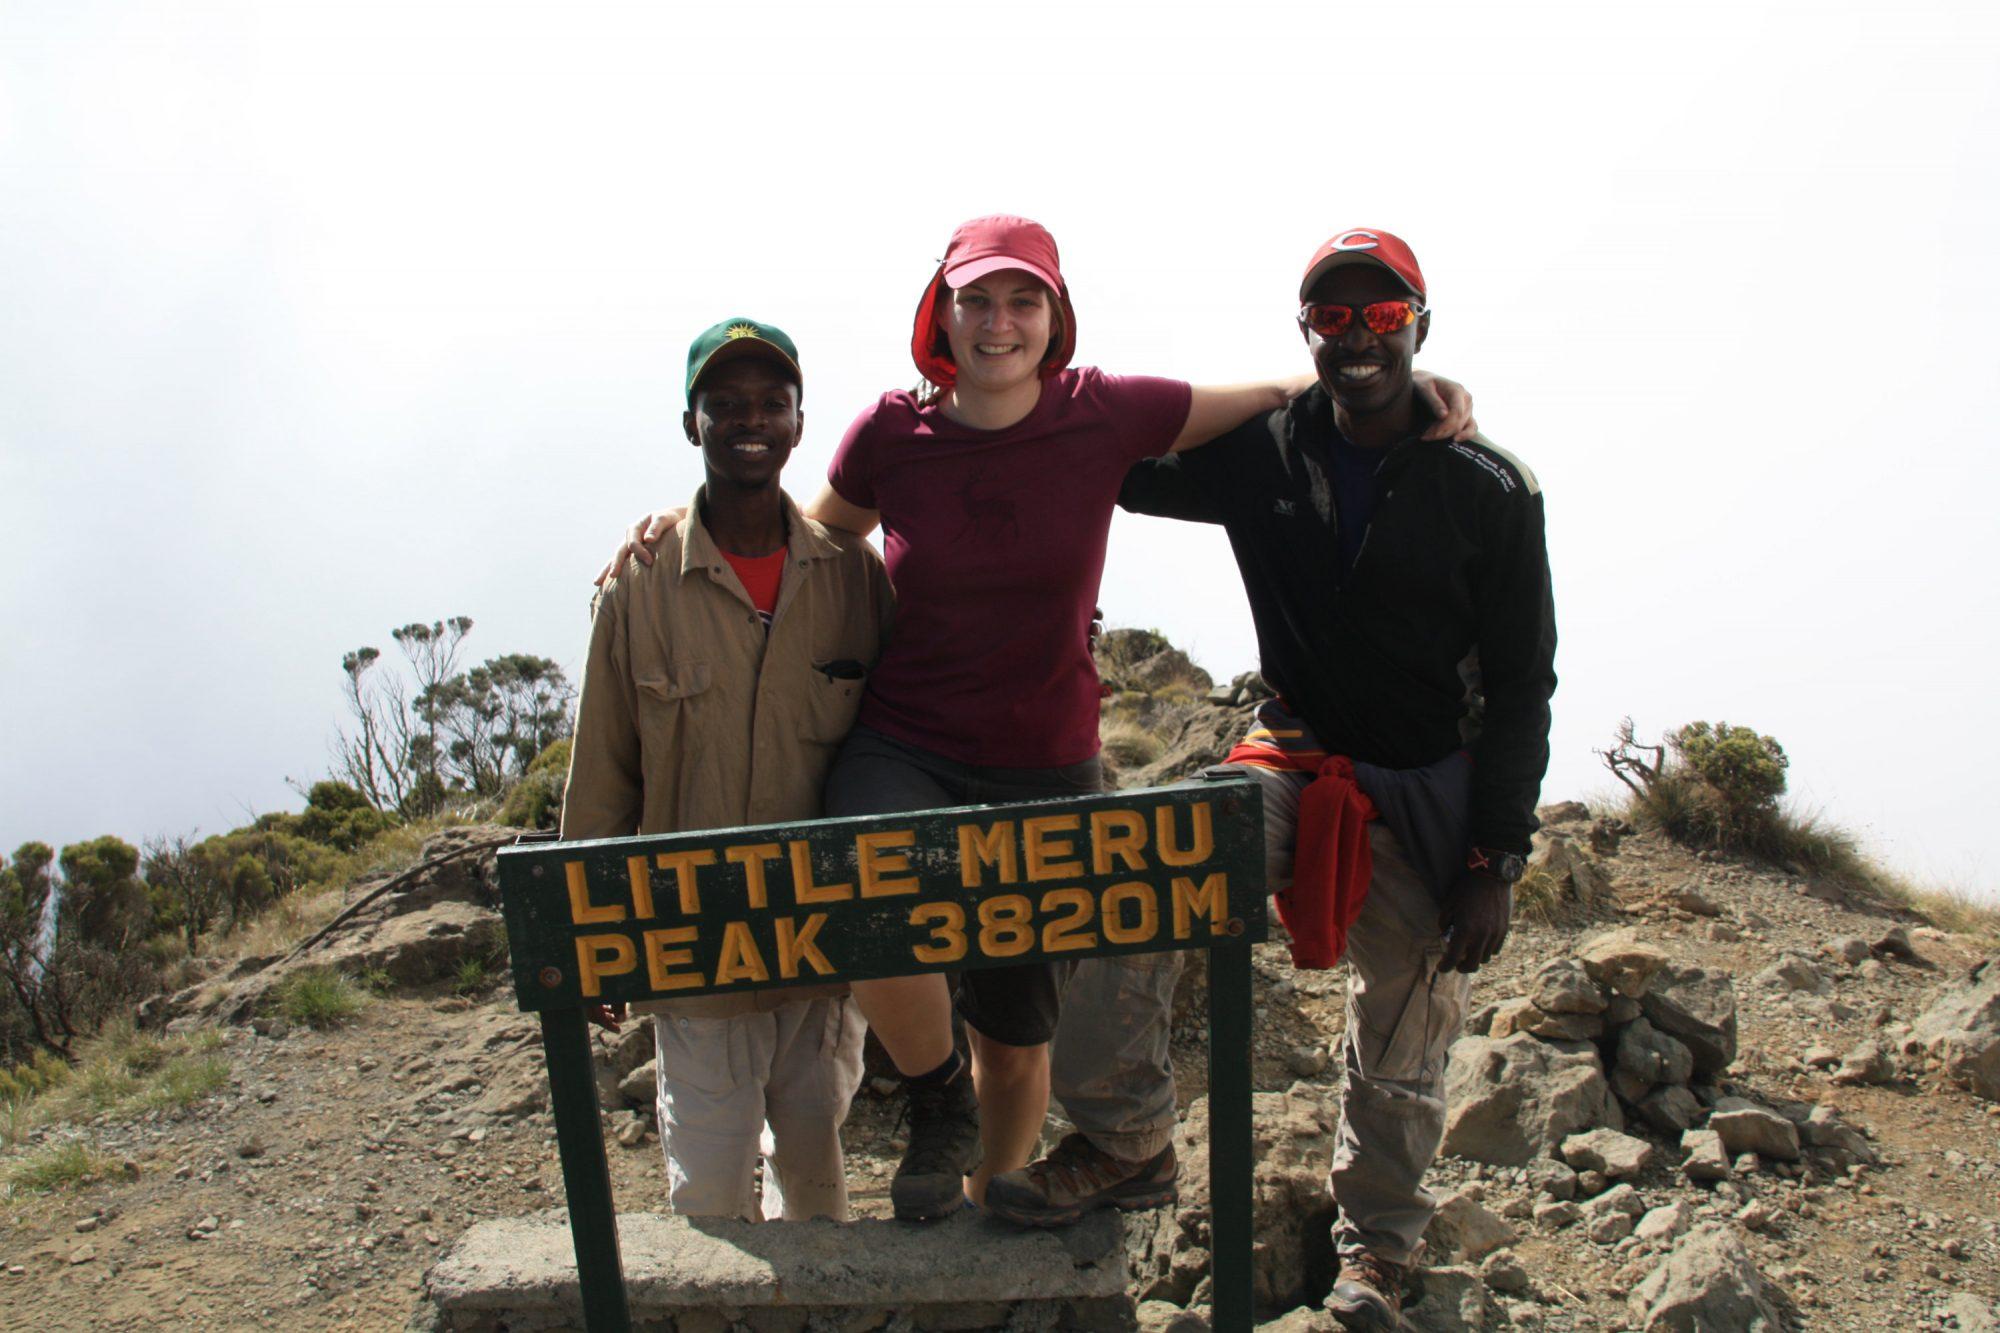 Gipfelfoto am Little Meru, Mount Meru, Regenwald, Arusha Nationalpark, Tansania, Afrika